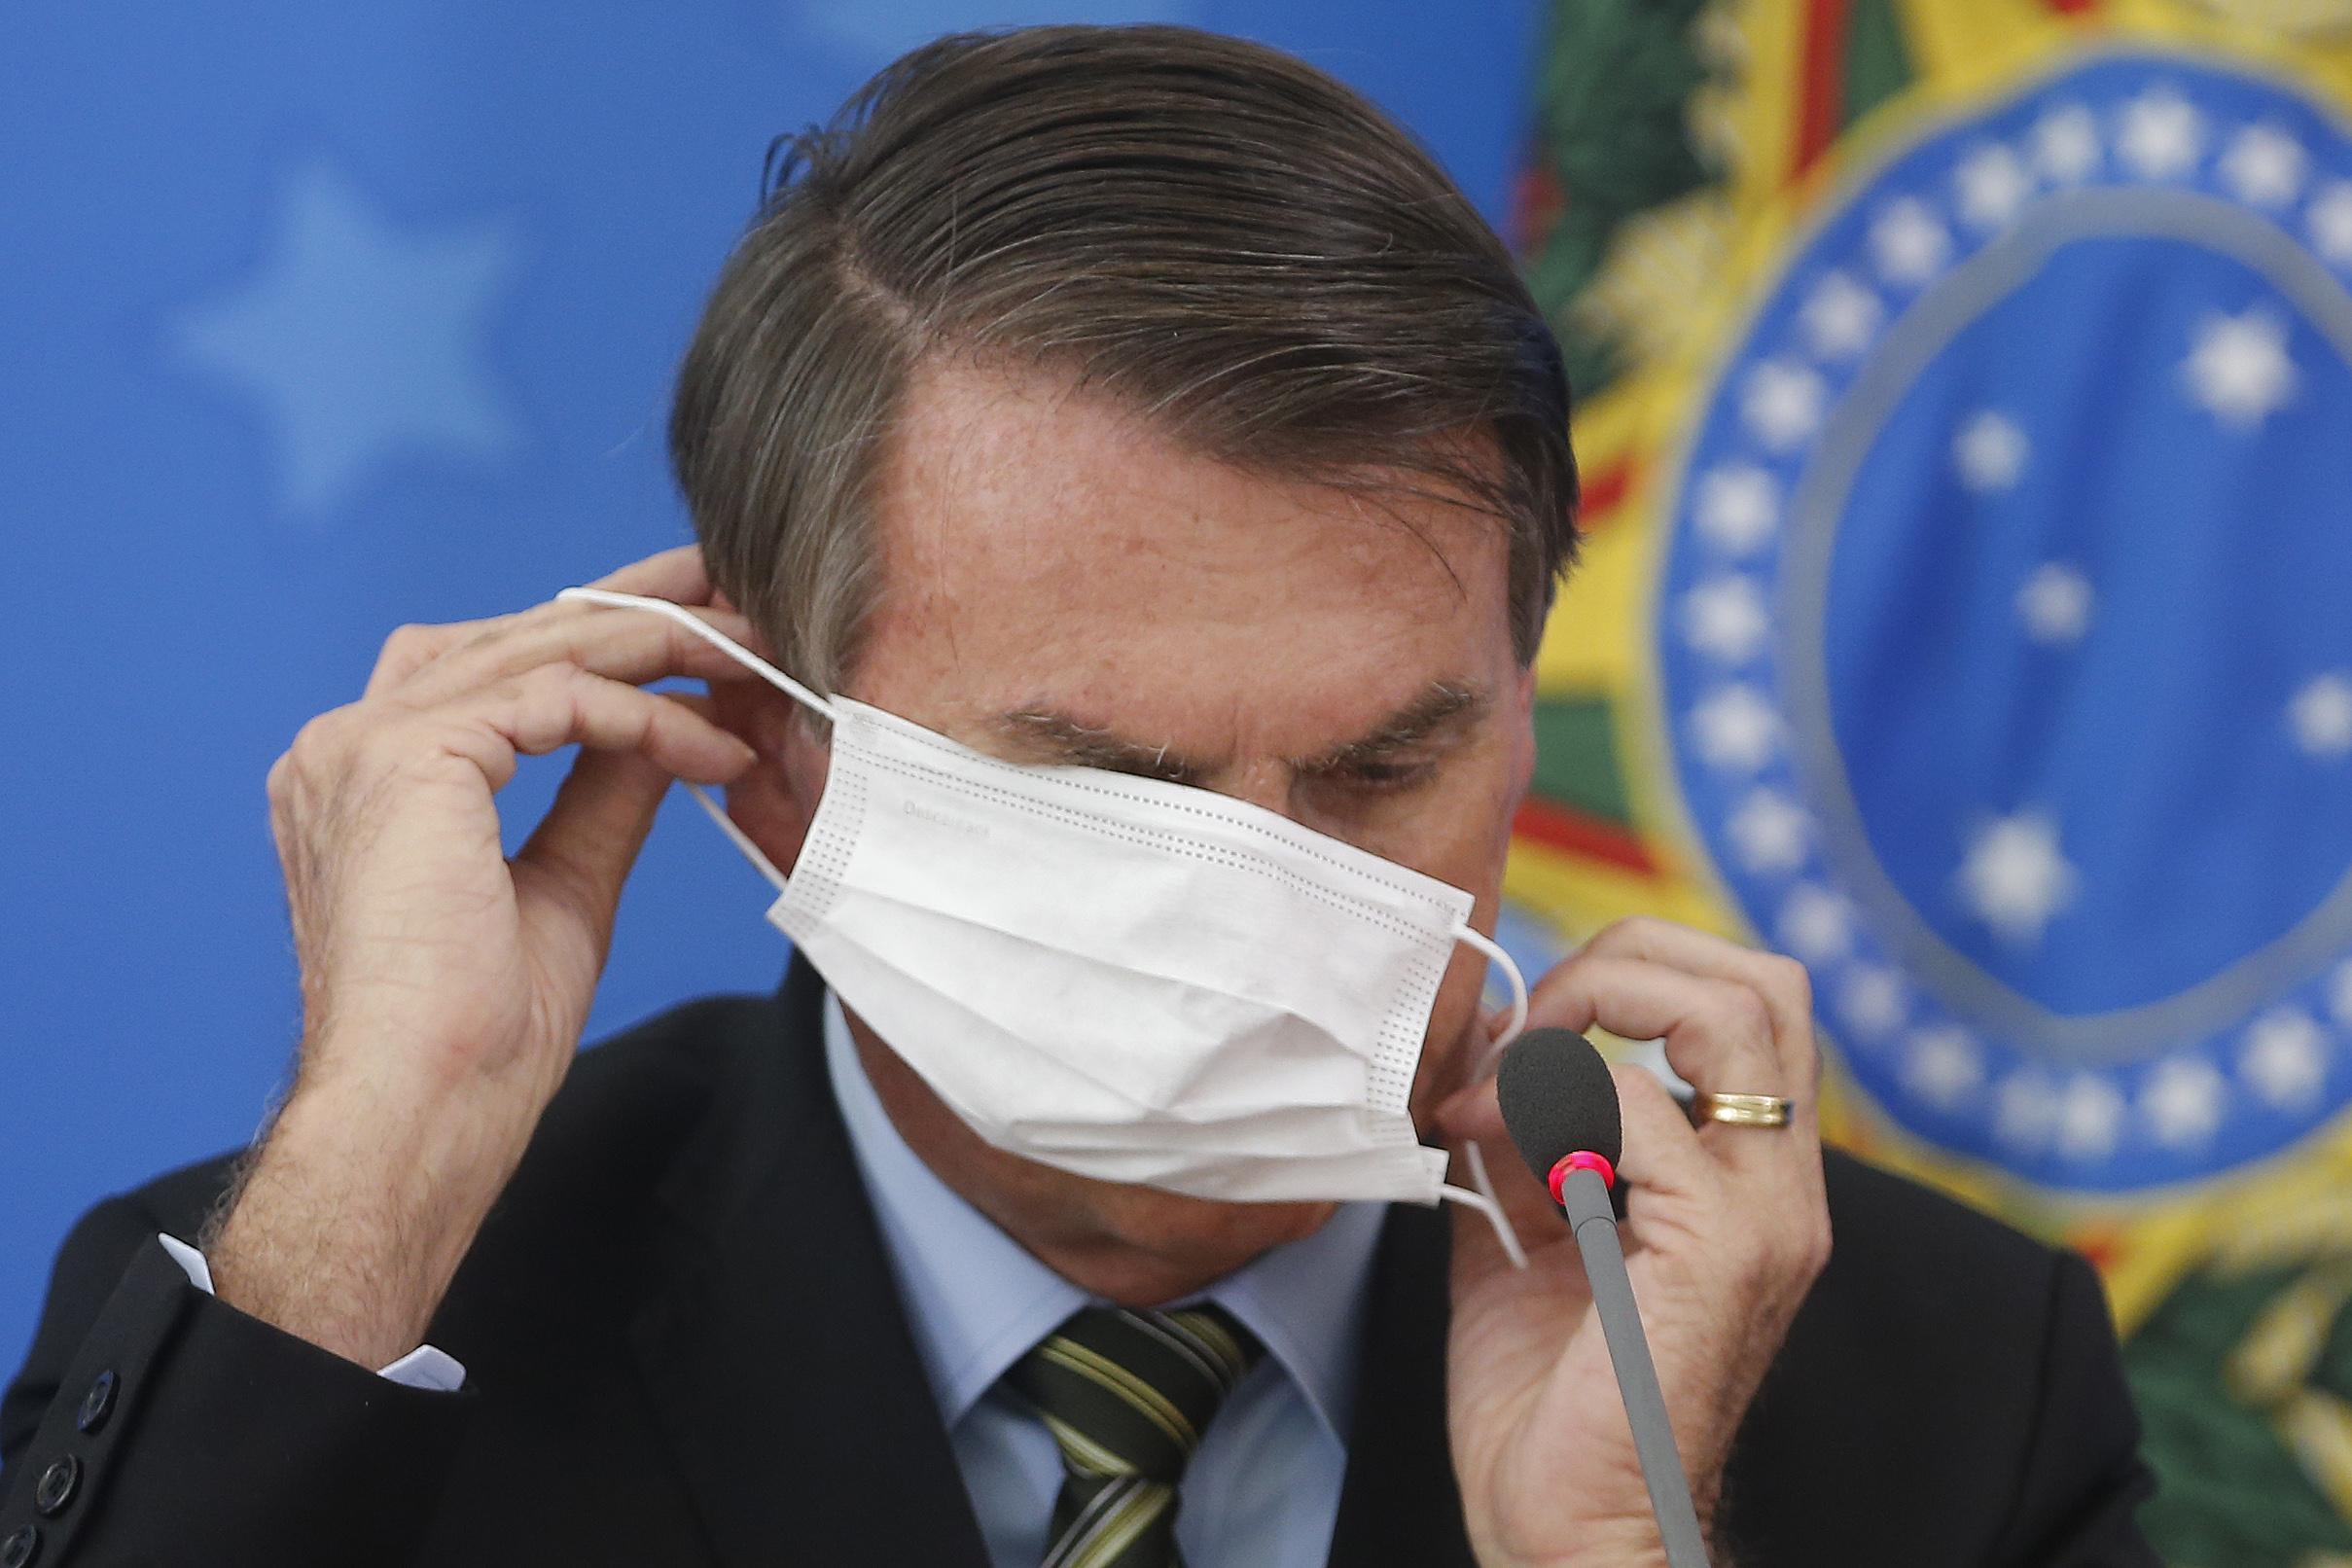 IMAGEM: Panelas contra o vírus